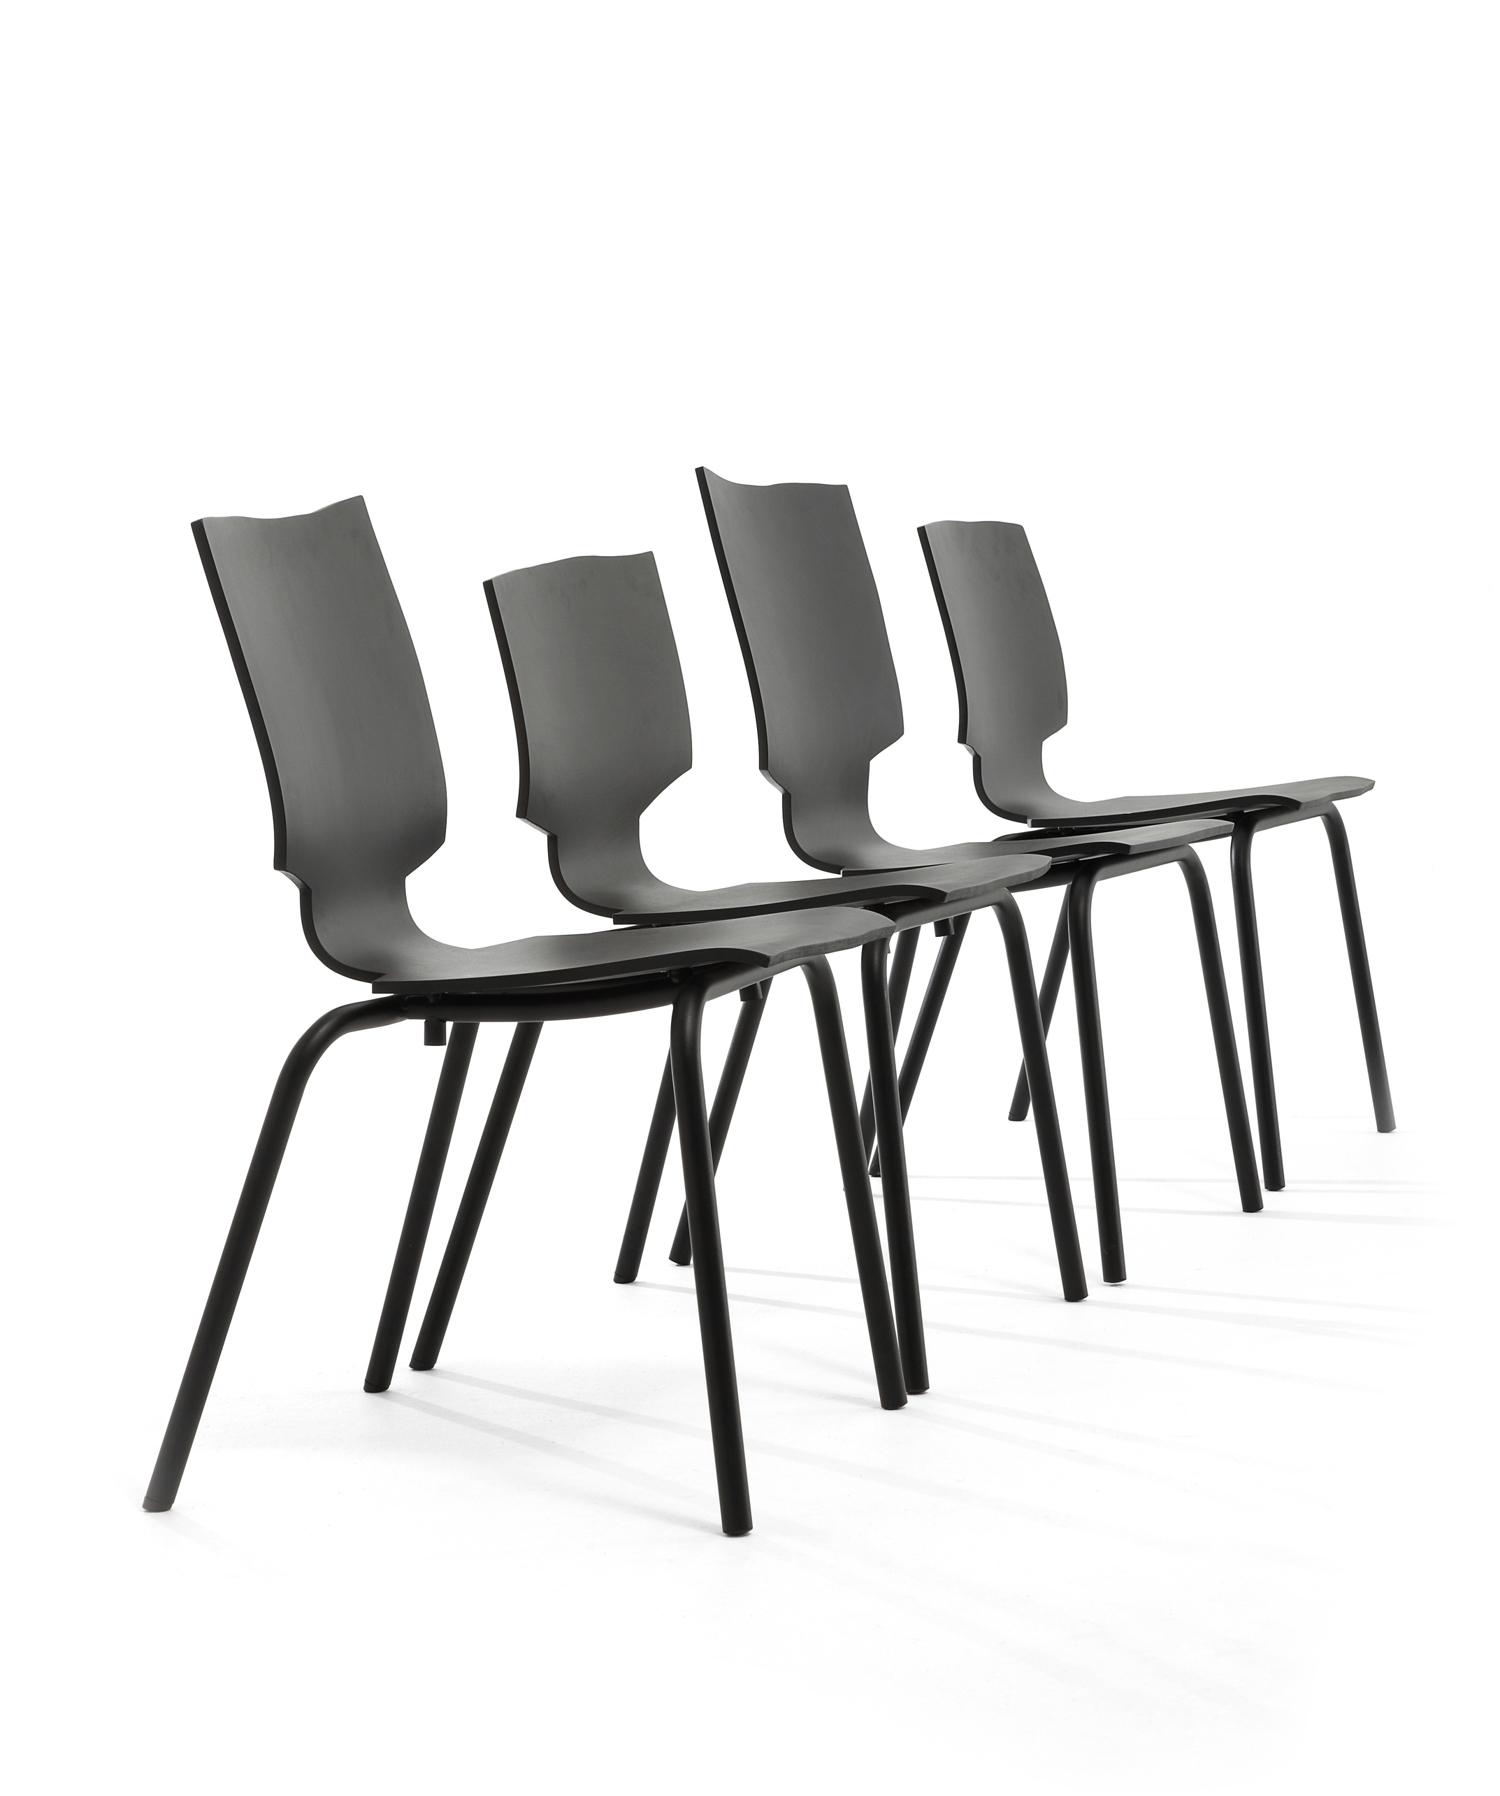 8 Zwarte Design Stoelen.Maarten Baas Gispen More Or Less Stoel Kopen Bestel Online Bij Gimmii